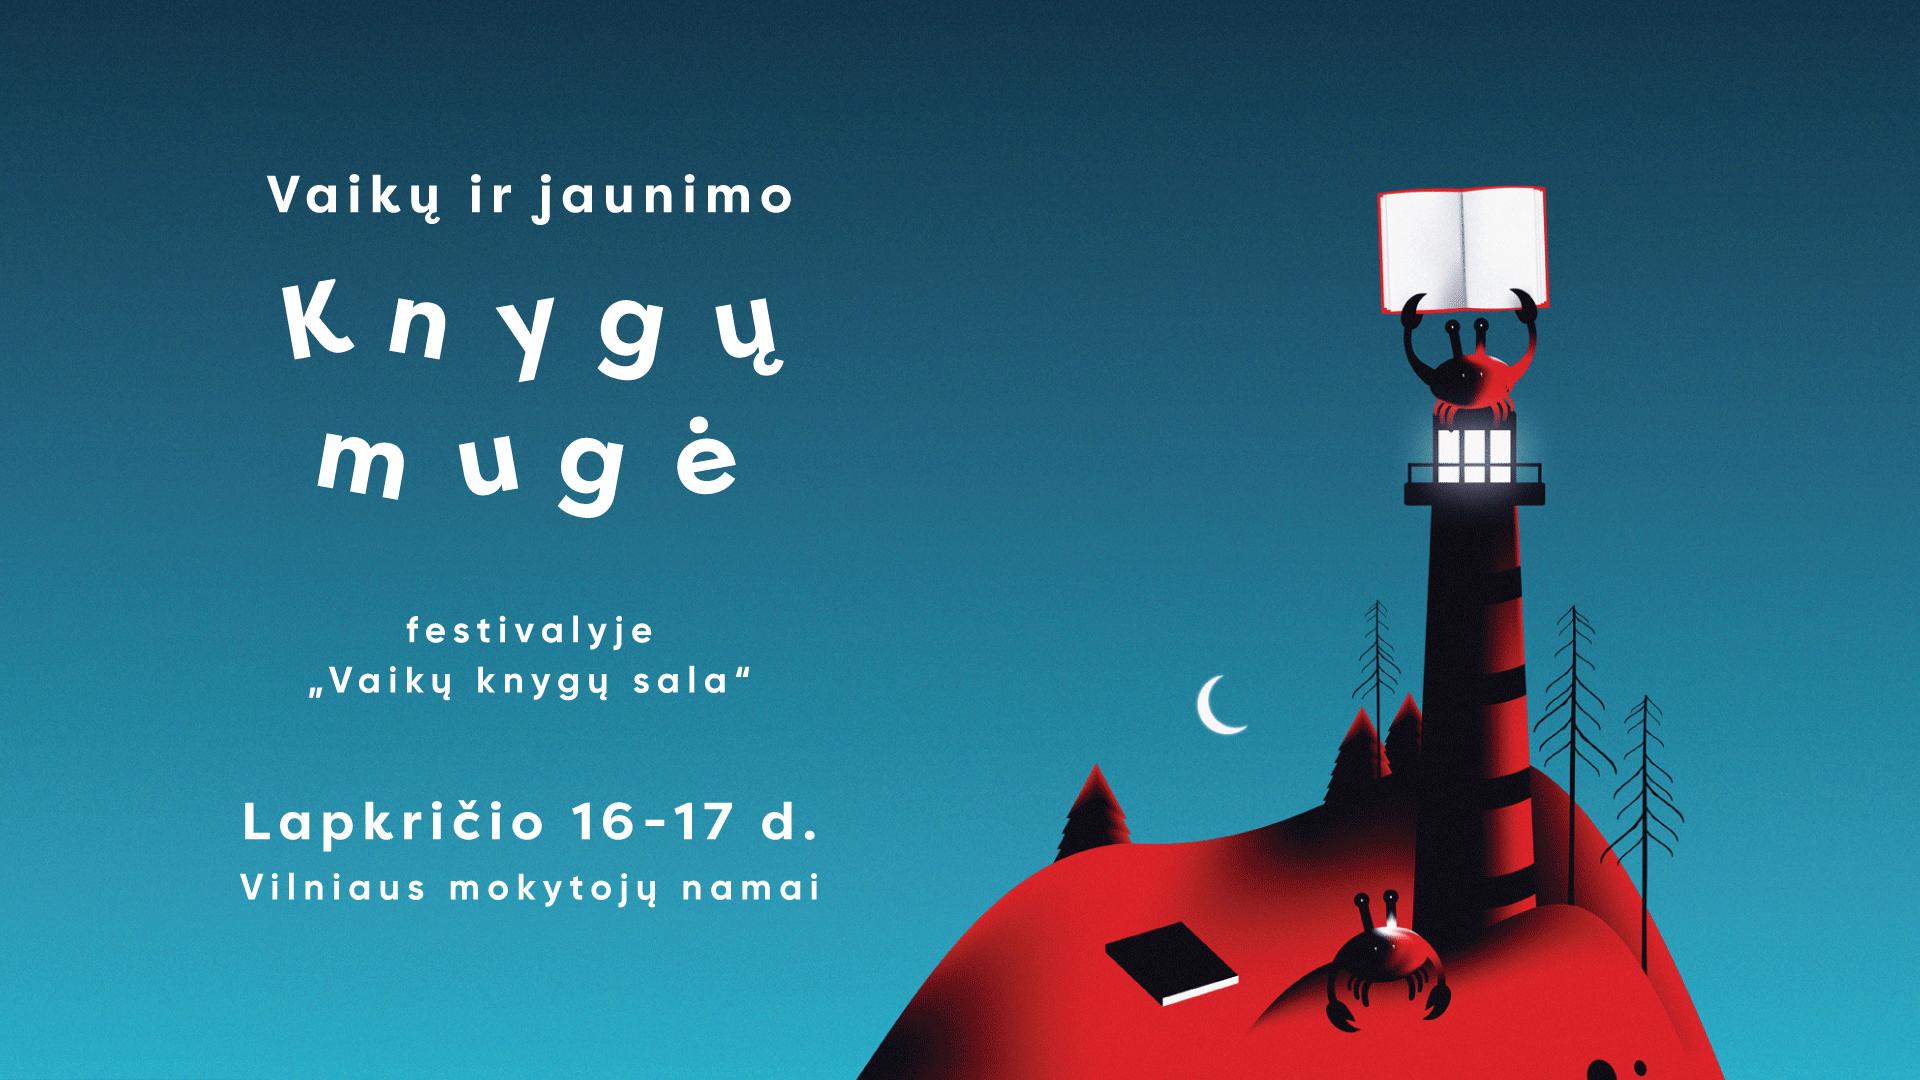 FB-Knygu-muge-VKS-2019-cover